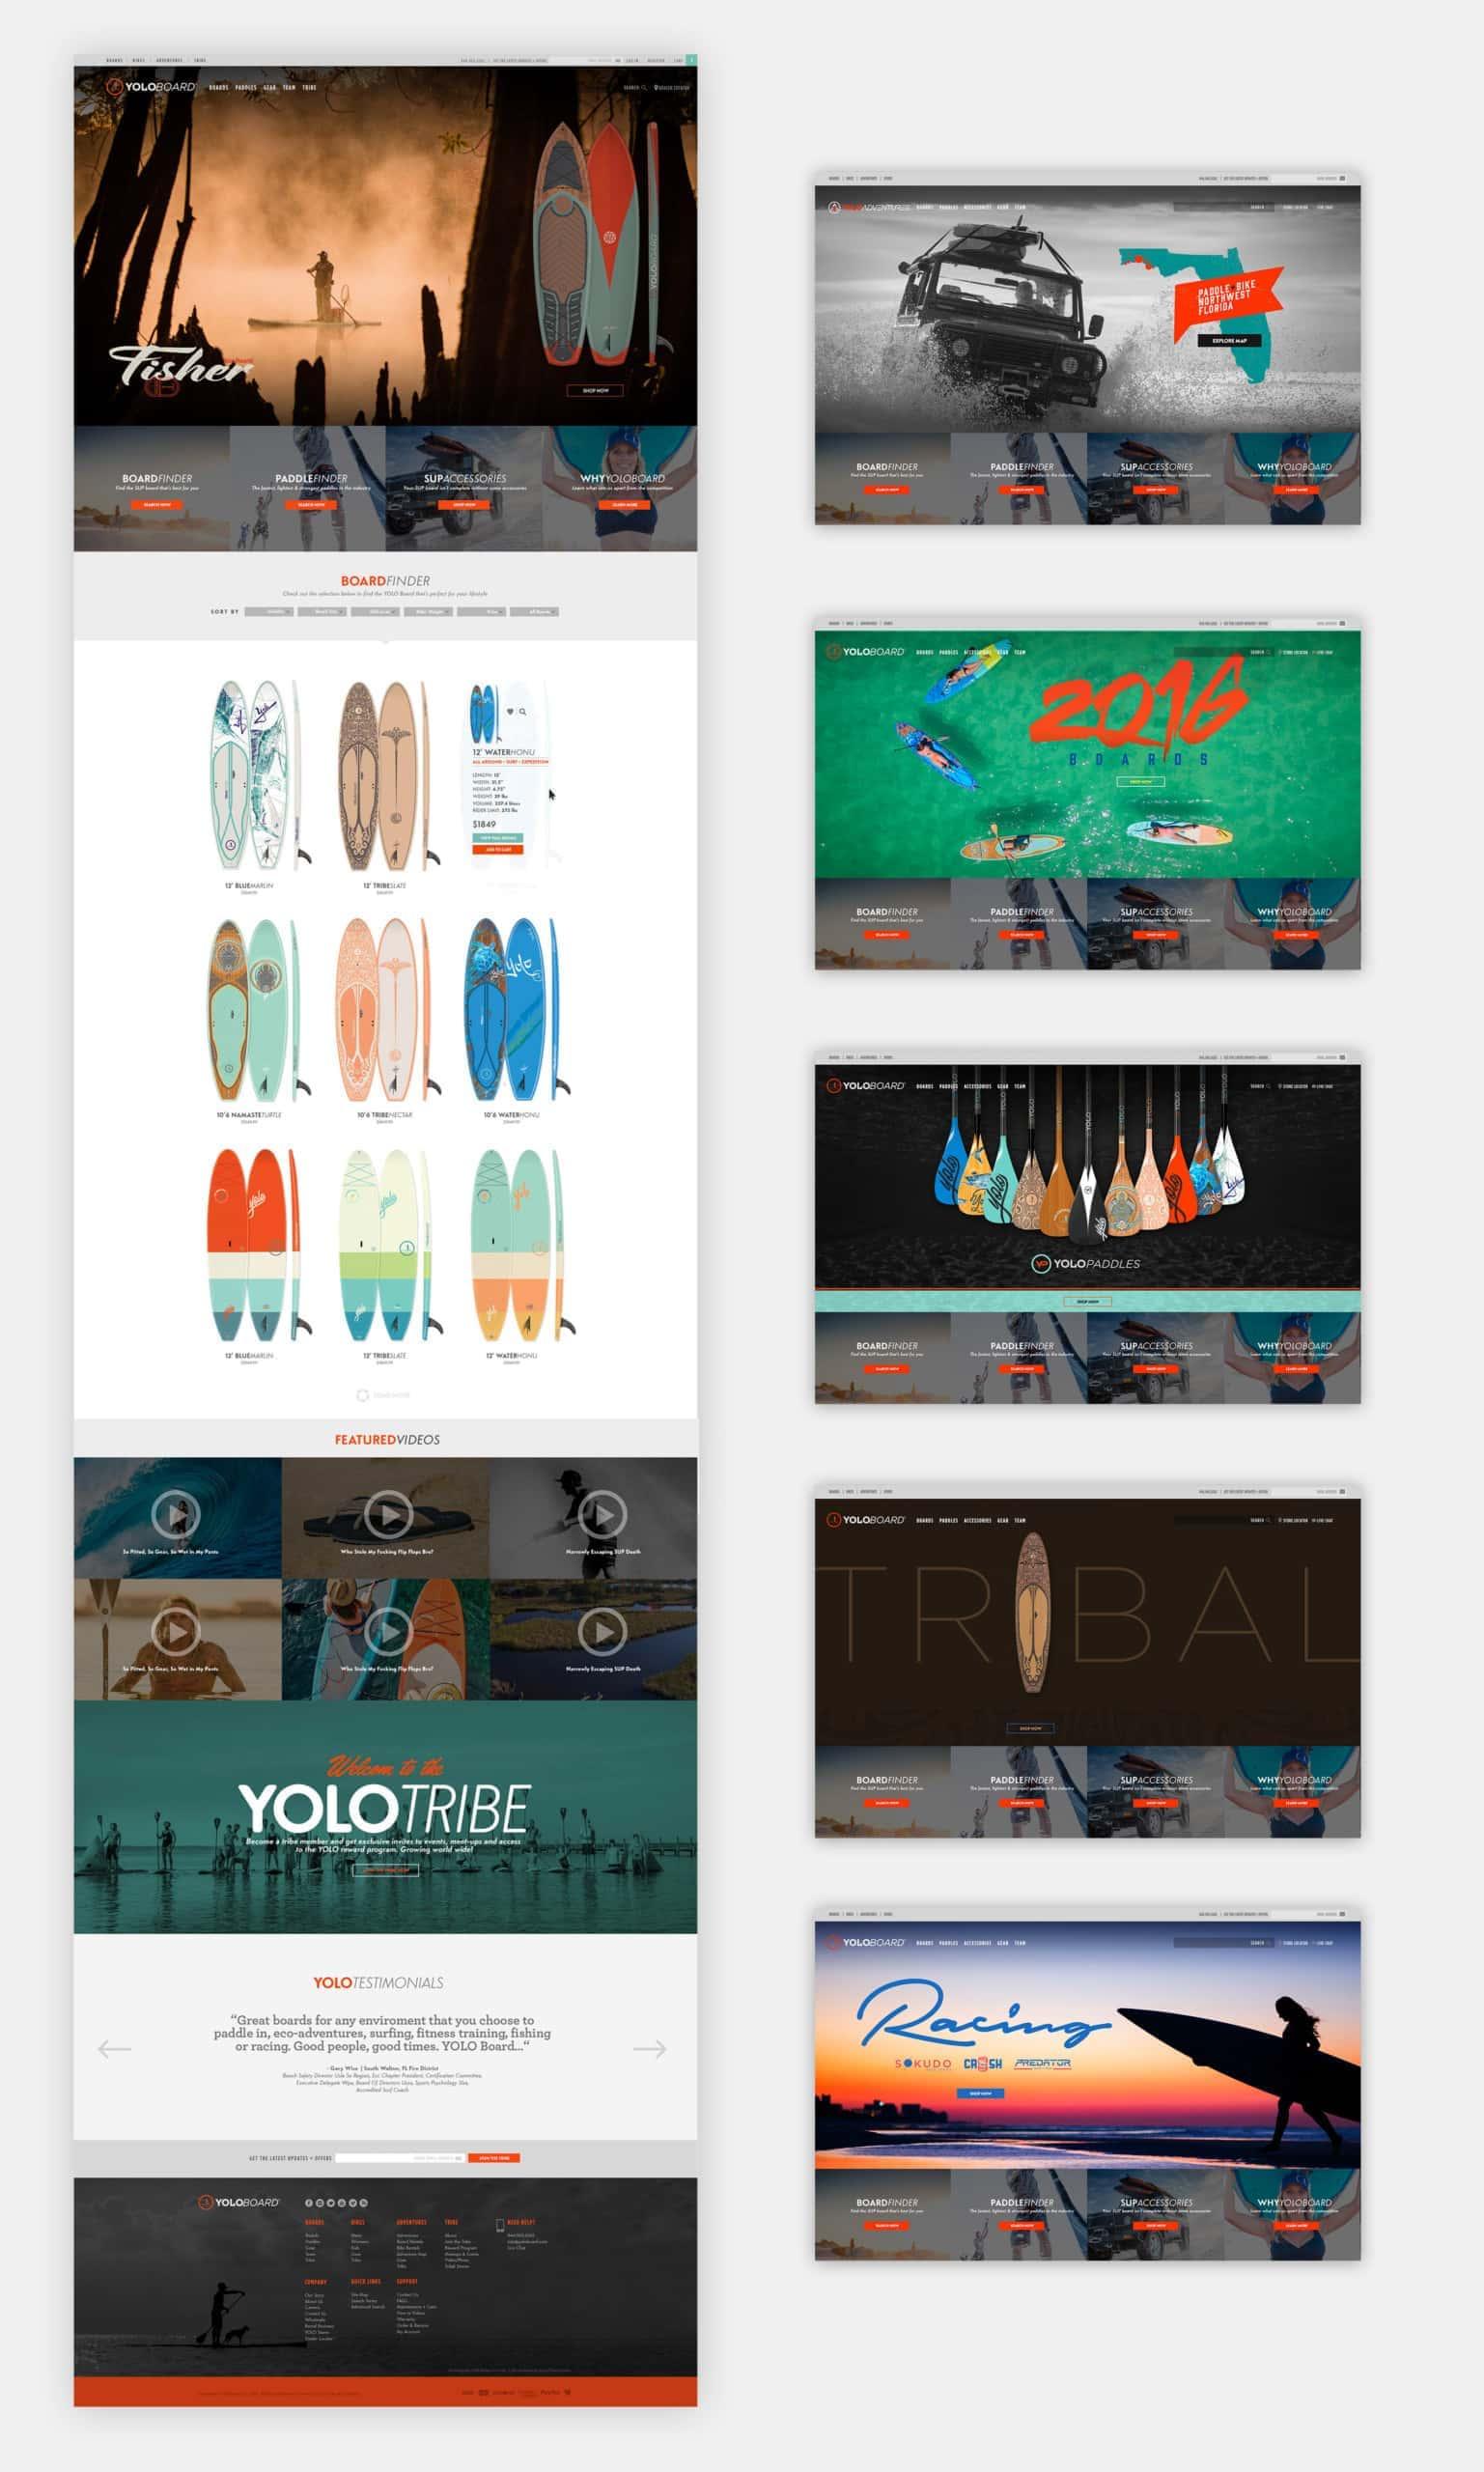 YOLO_WEBSITE_F1